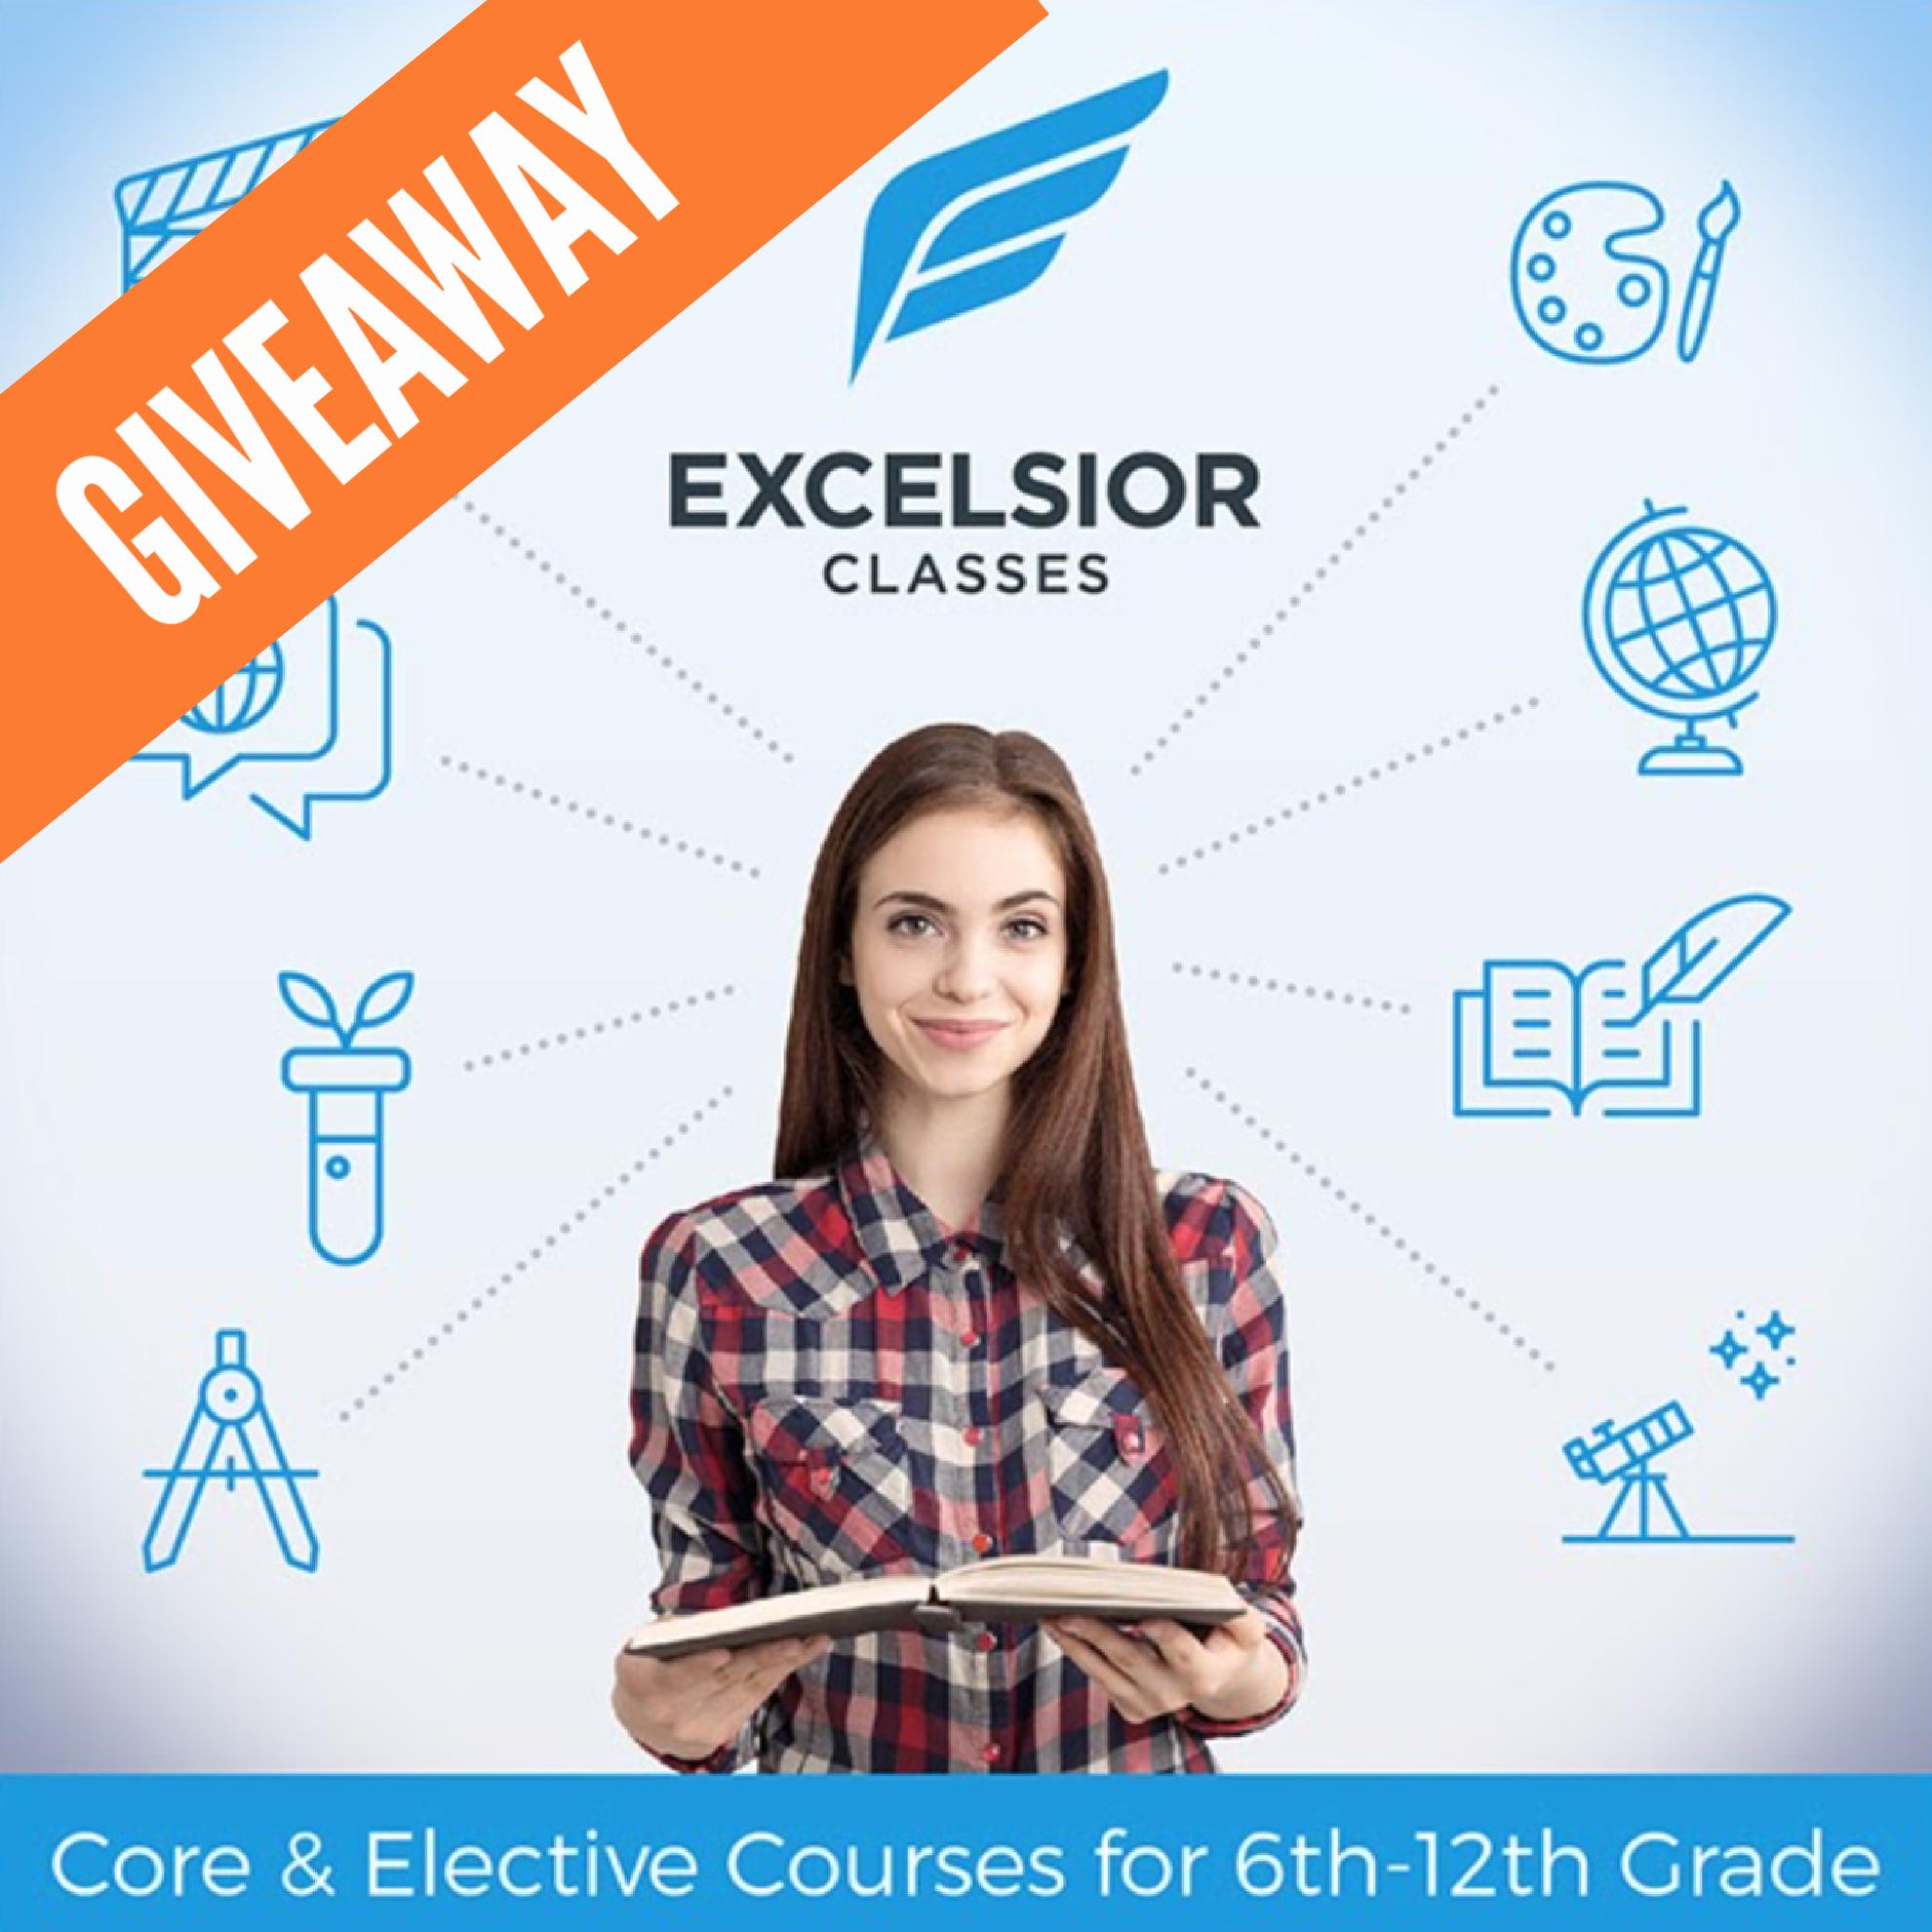 Excelsior giveaway